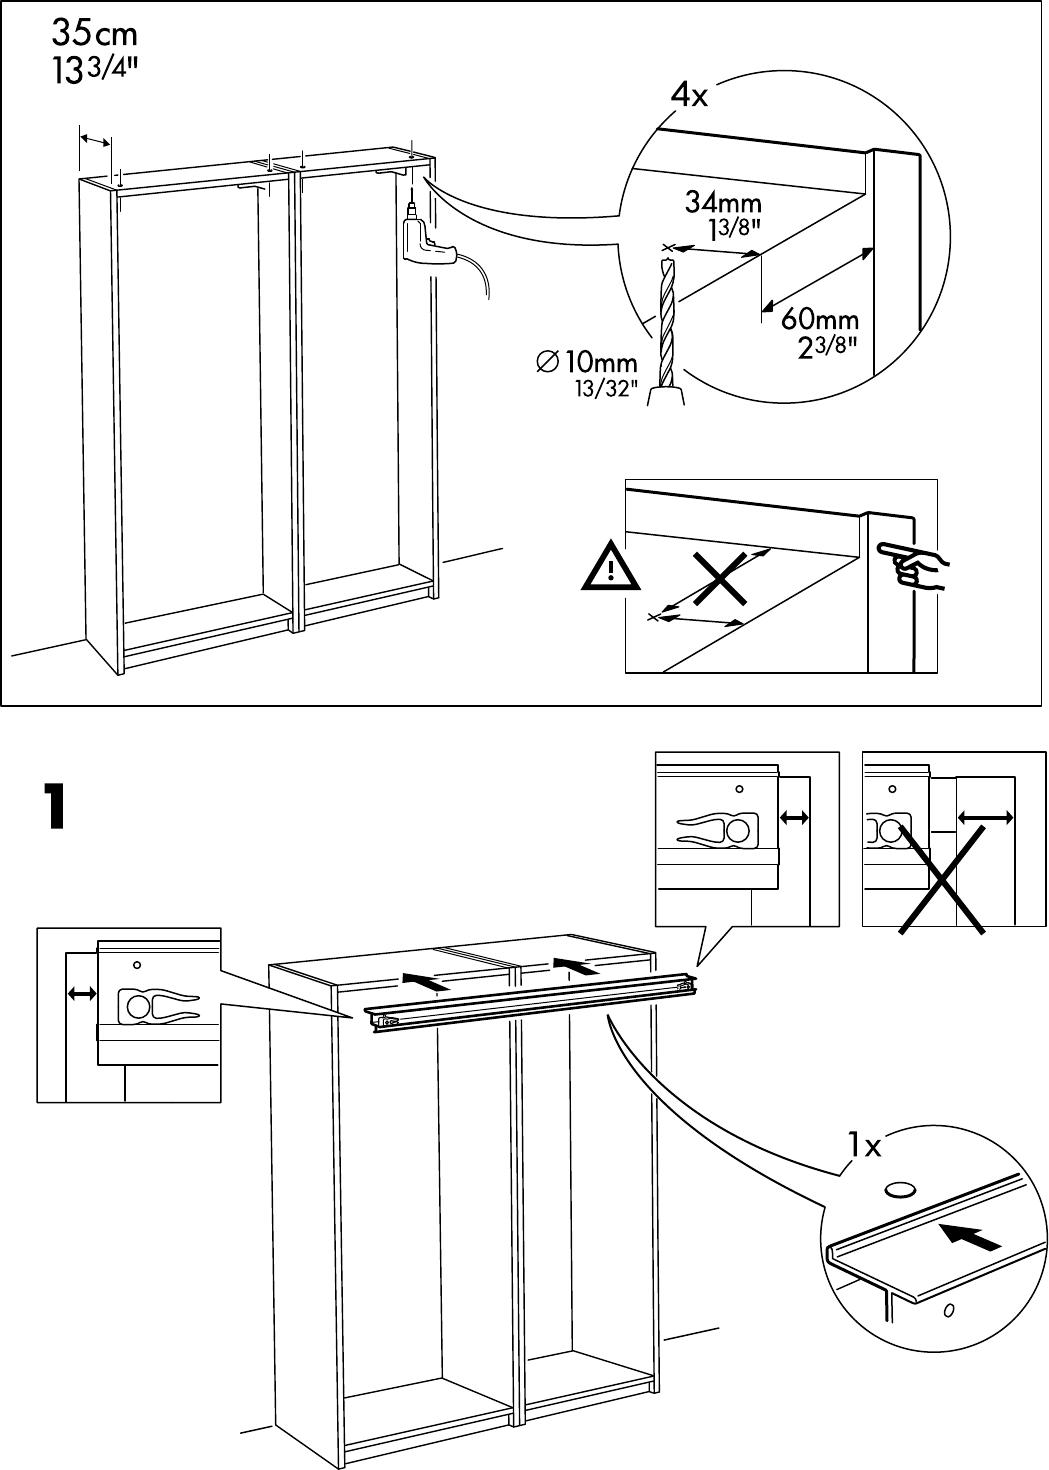 Bedienungsanleitung Ikea Pax Hasvik 150 Seite 2 Von 28 Dänisch